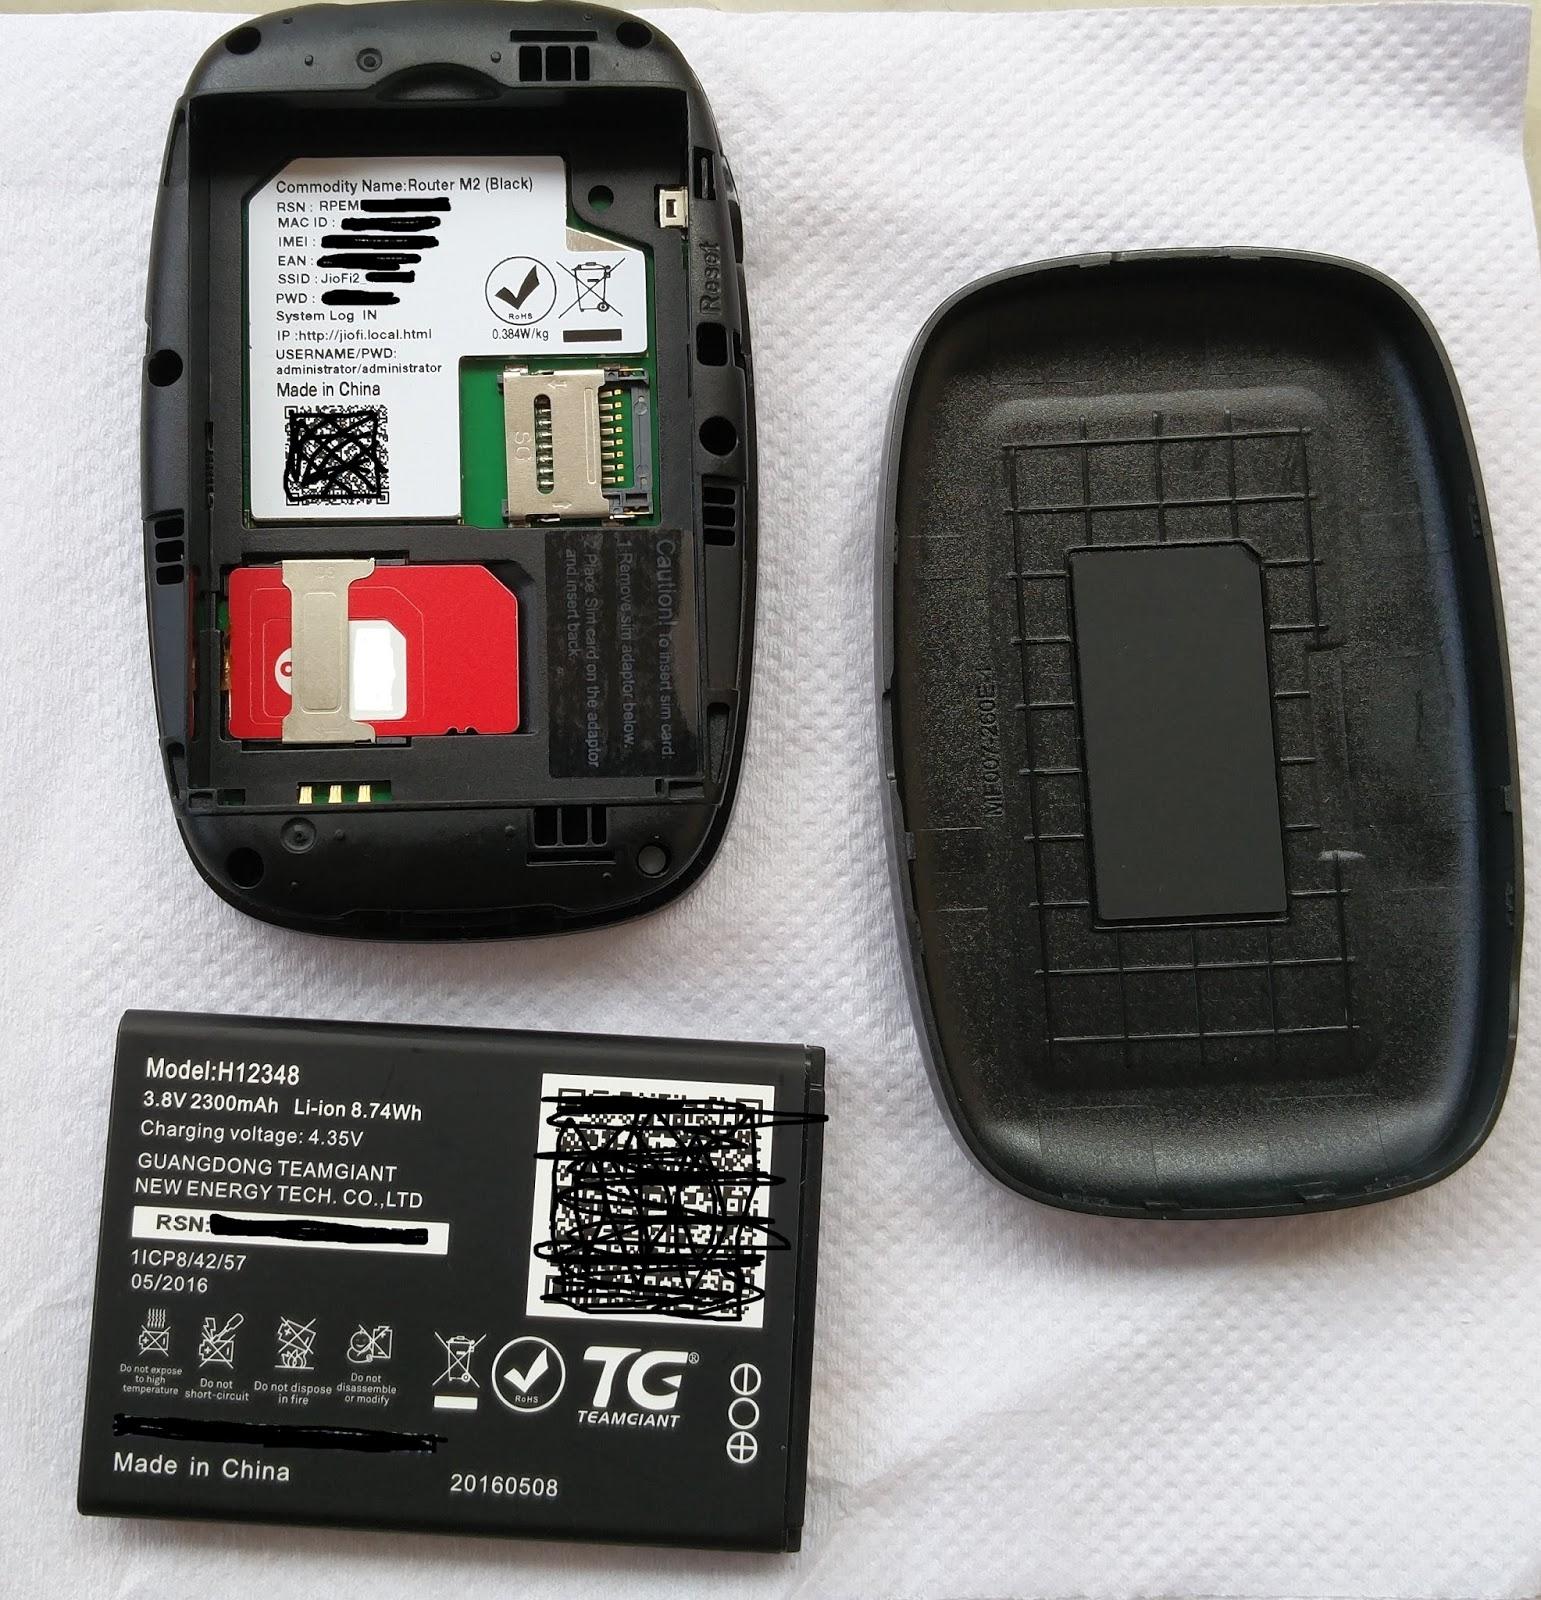 HimTec gadgets blog